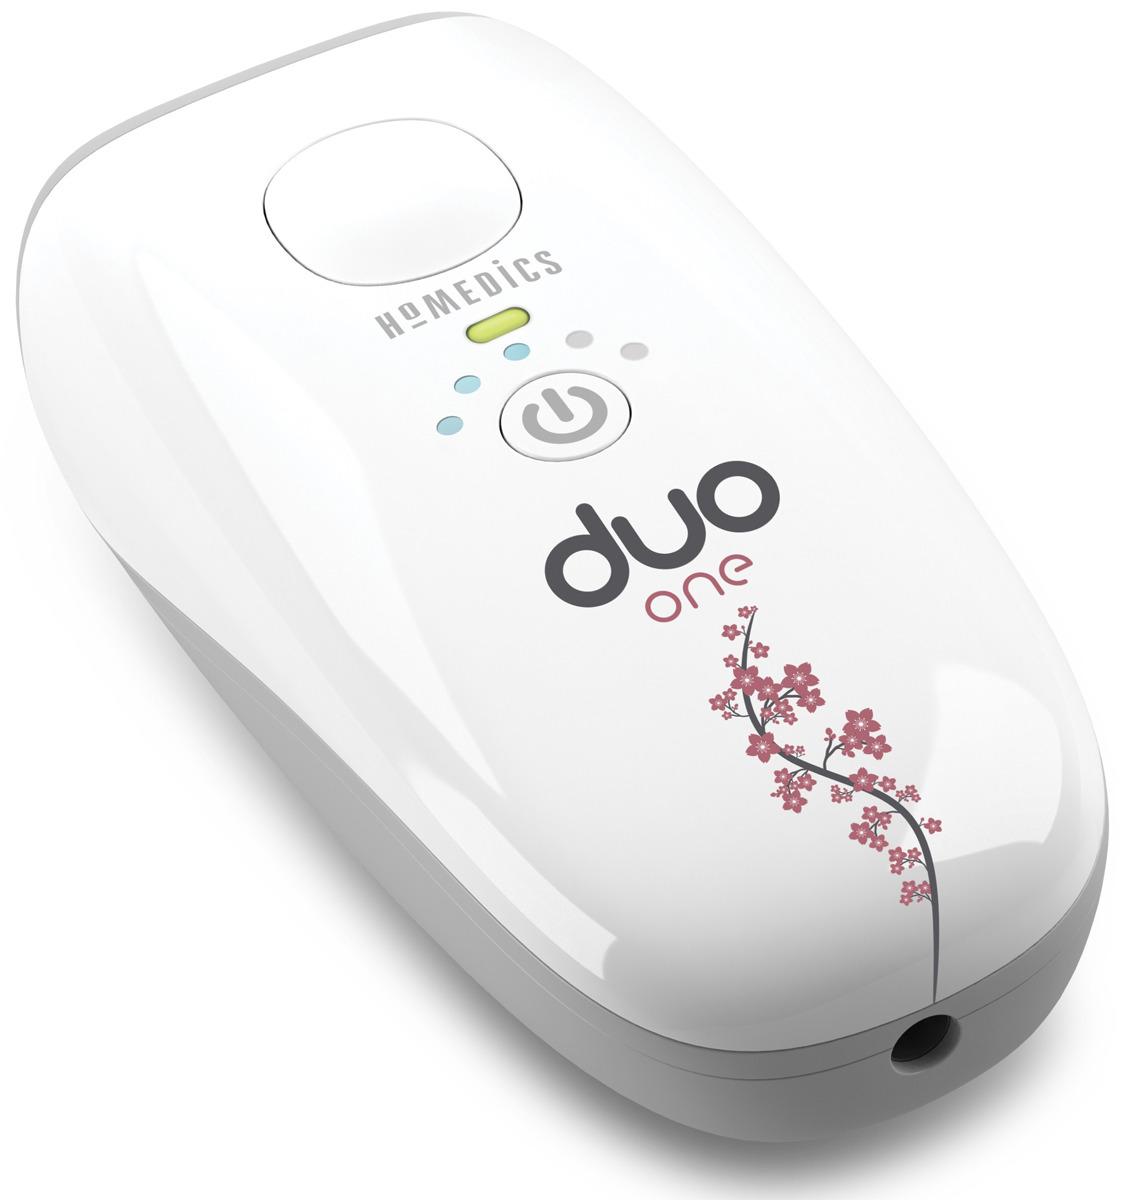 цена на Фотоэпилятор HoMedics IPL-HH190-EU Duo One, белый